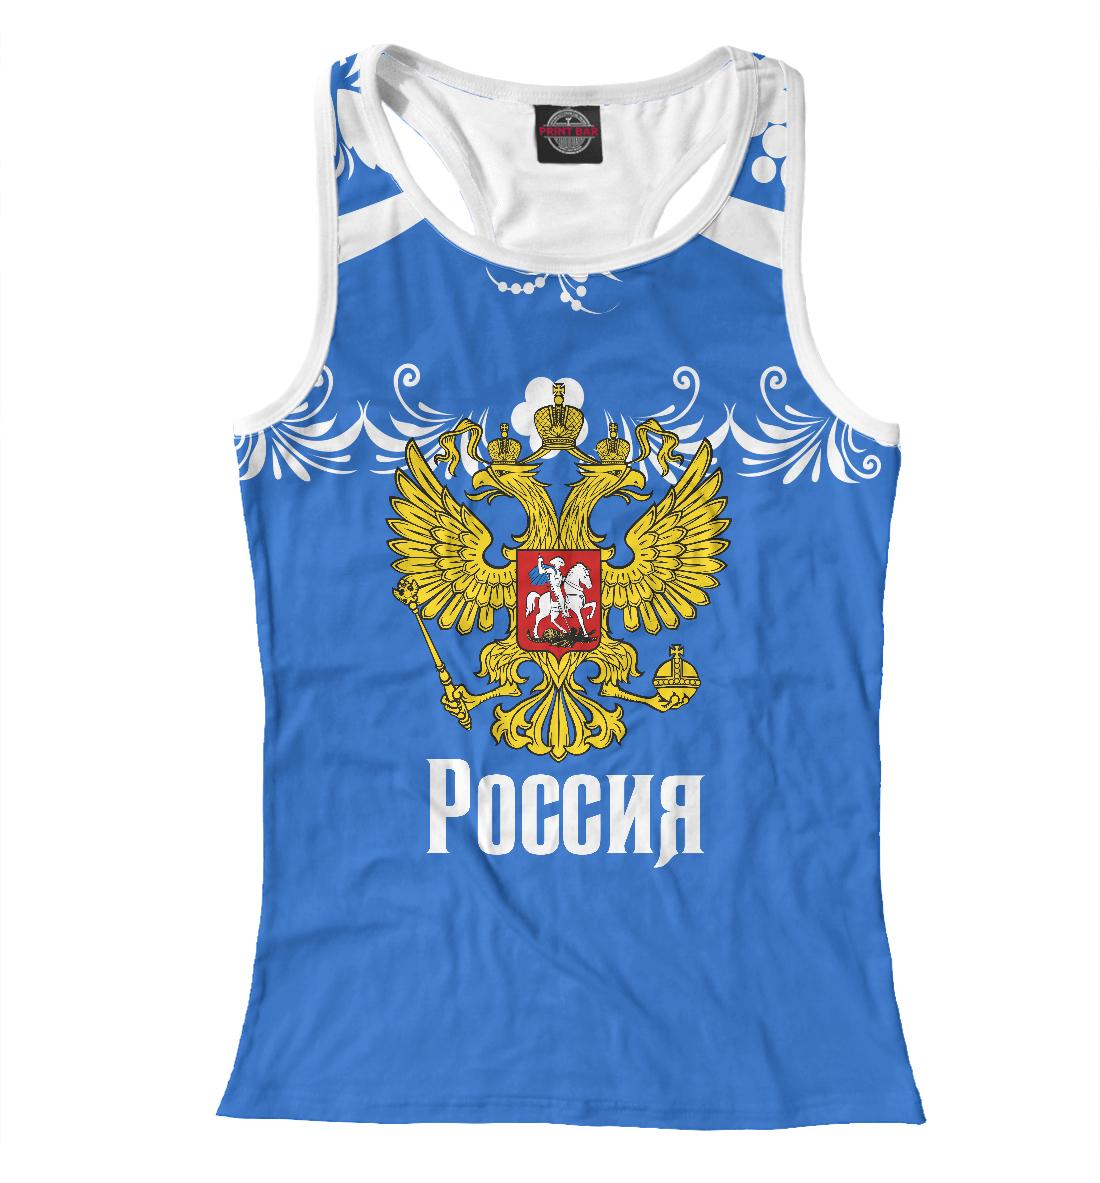 Купить Россия спорт, Printbar, Майки борцовки, BZN-901040-mayb-1